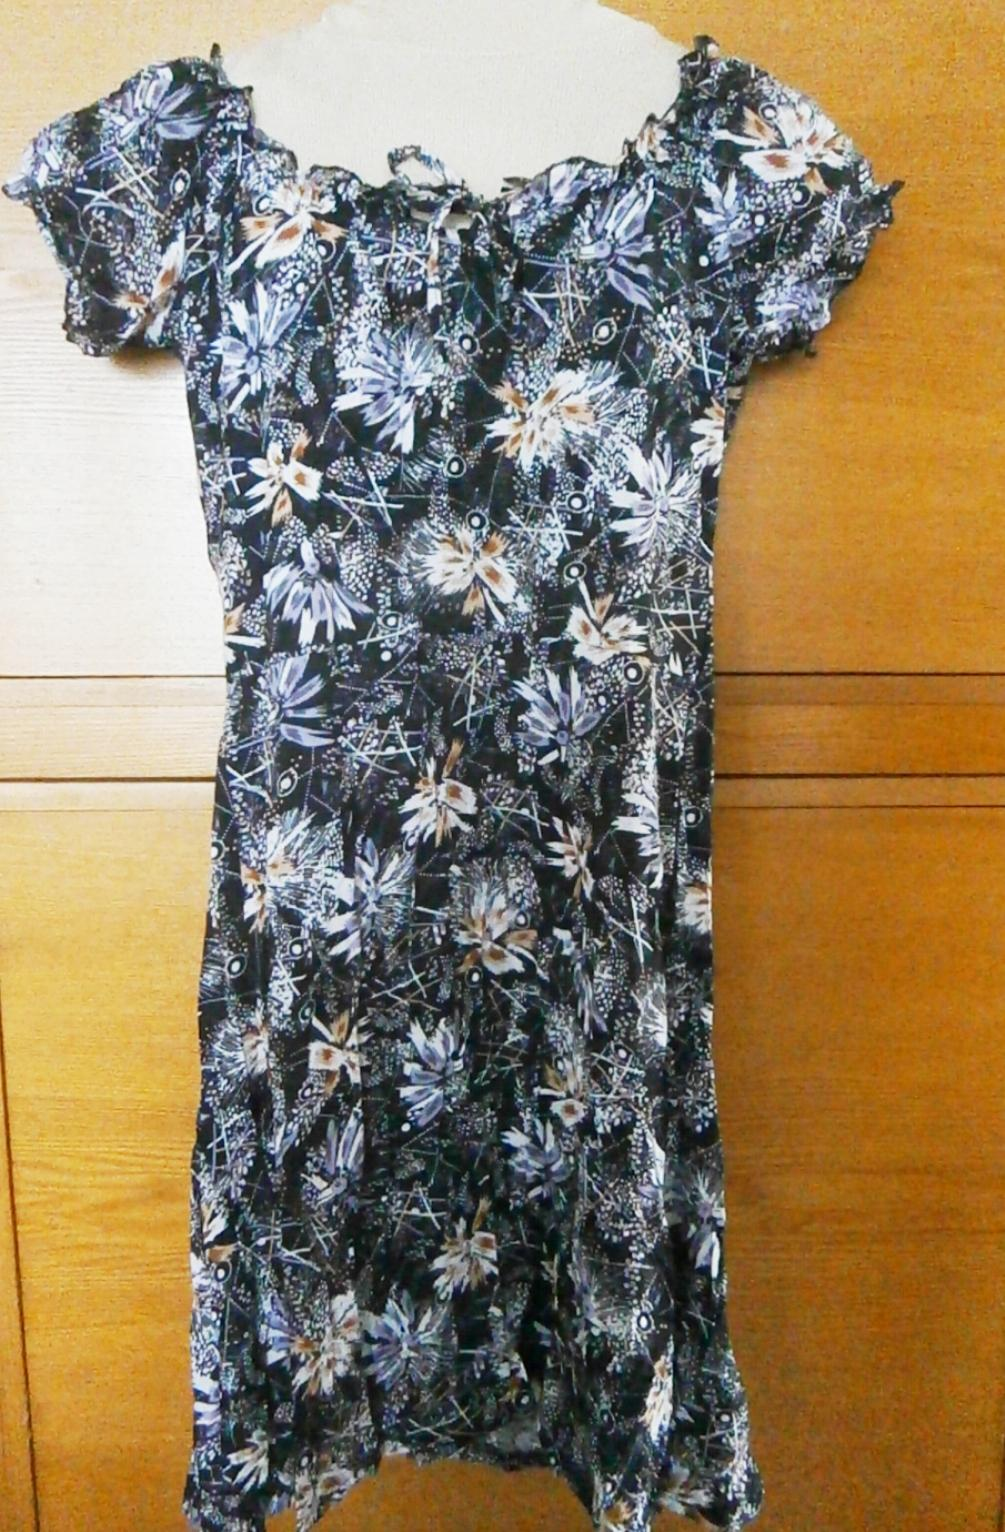 Letní šaty - Obrázek č. 1